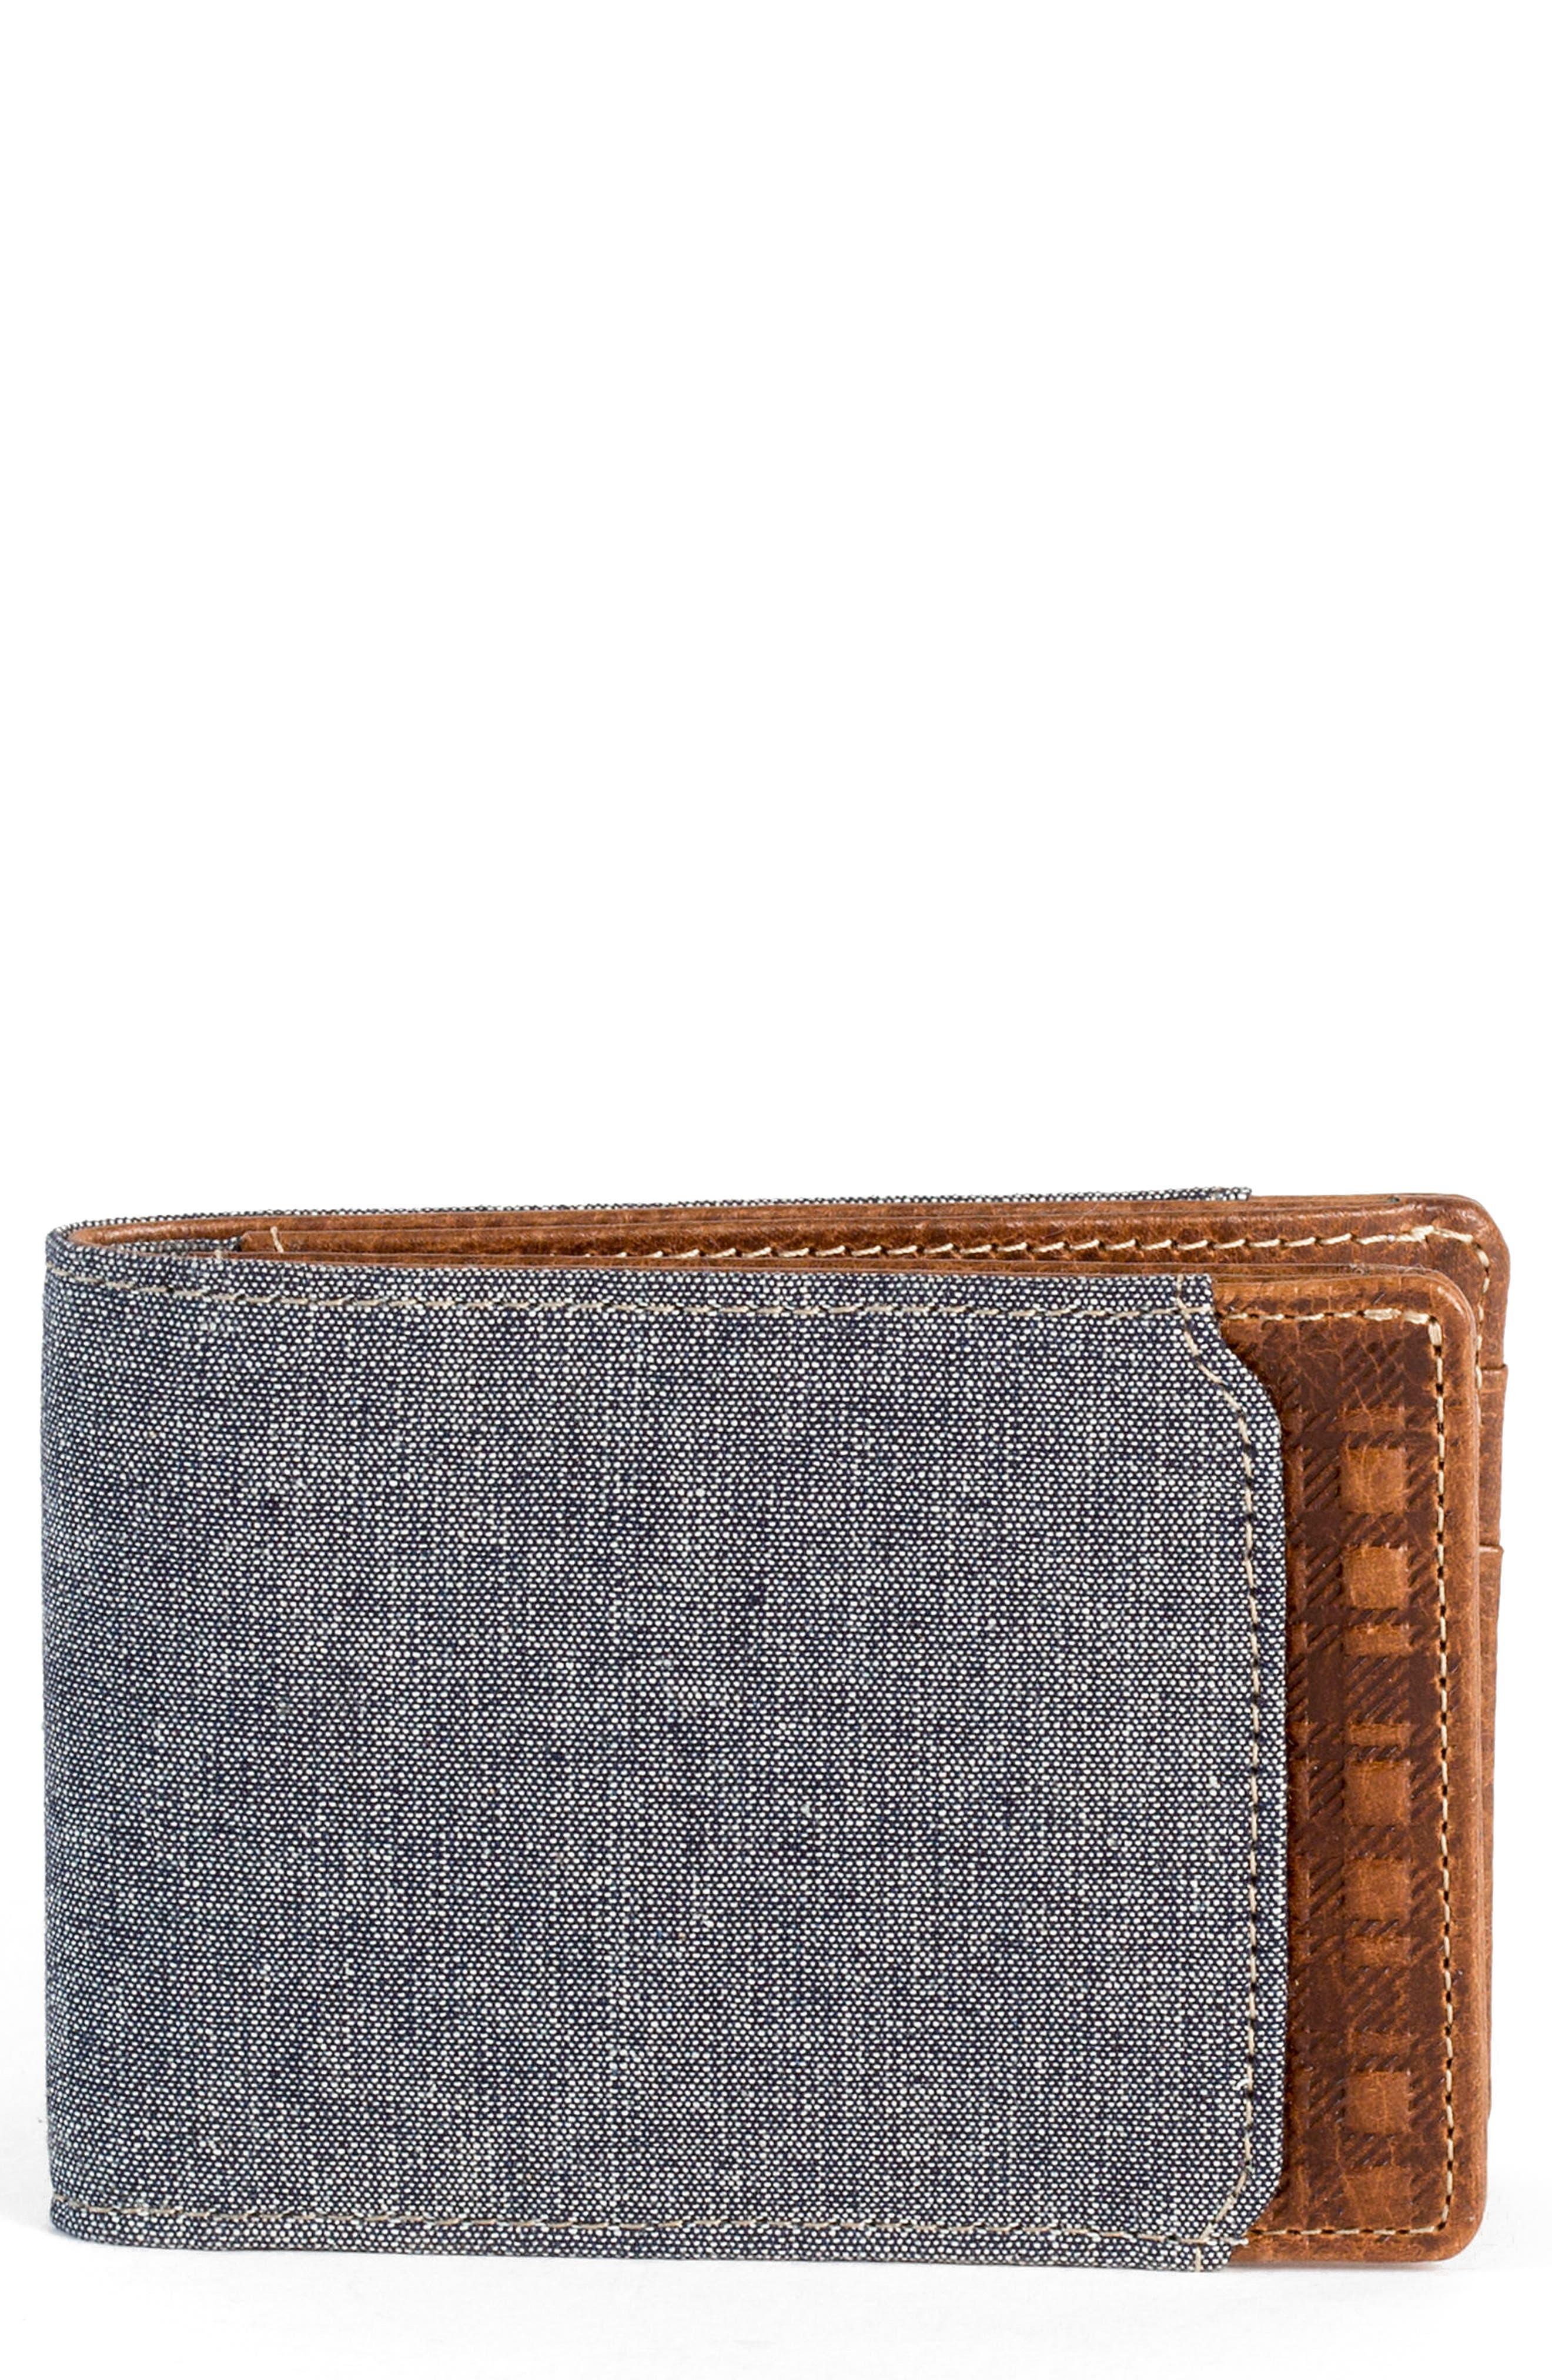 Caleb LTE Wallet,                             Main thumbnail 1, color,                             210